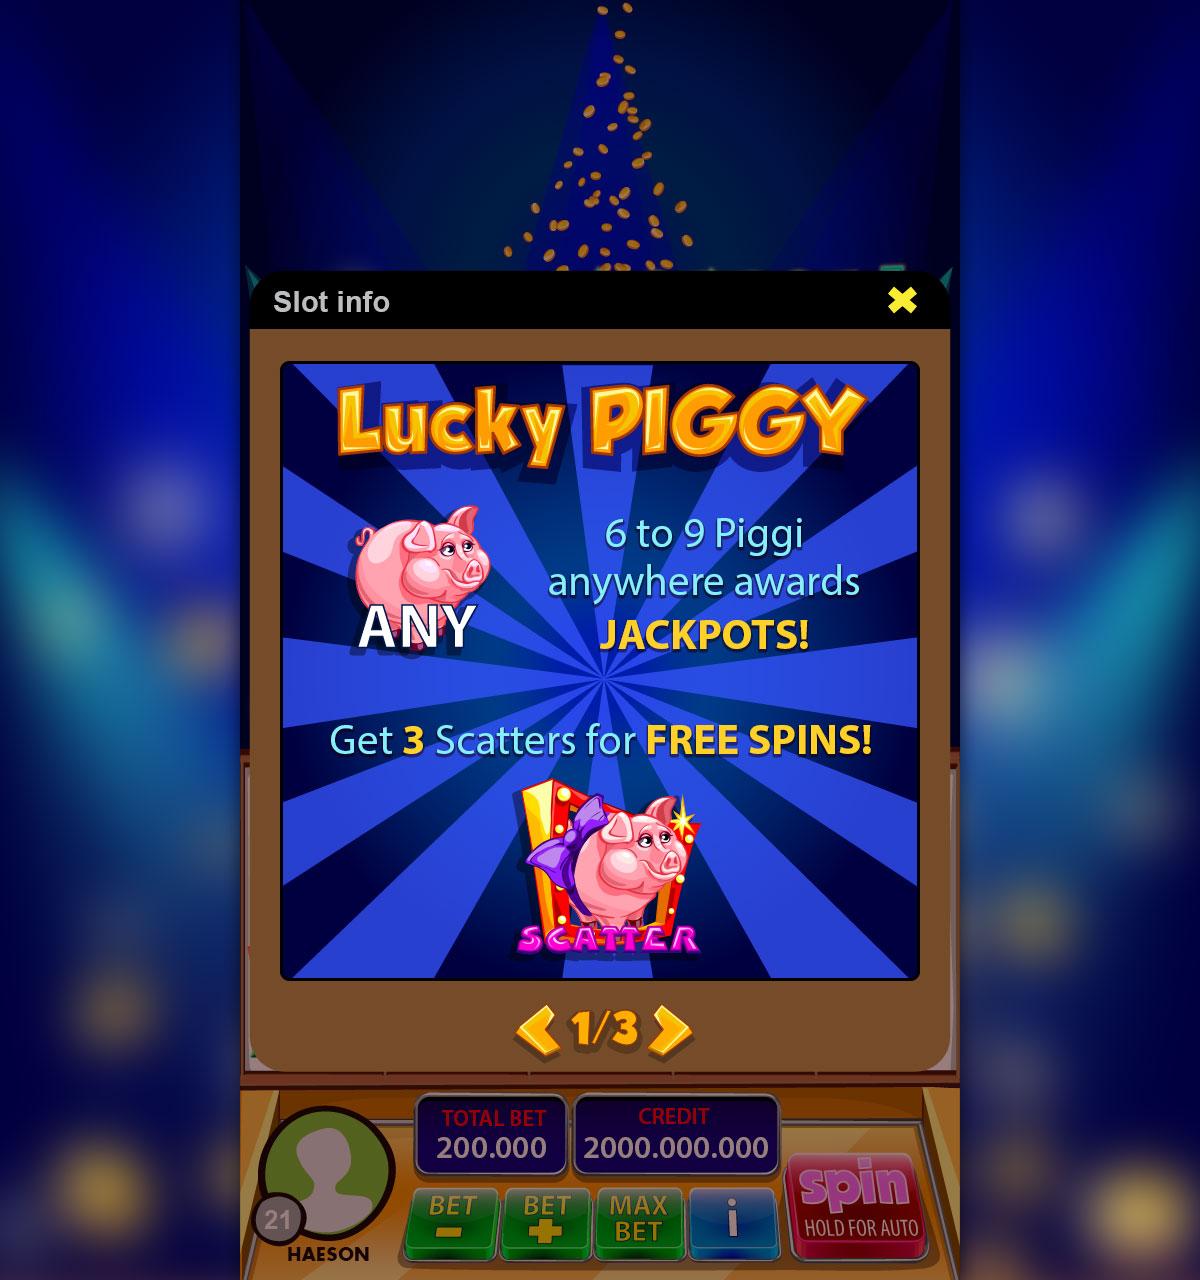 lucky_piggy_blog_rules